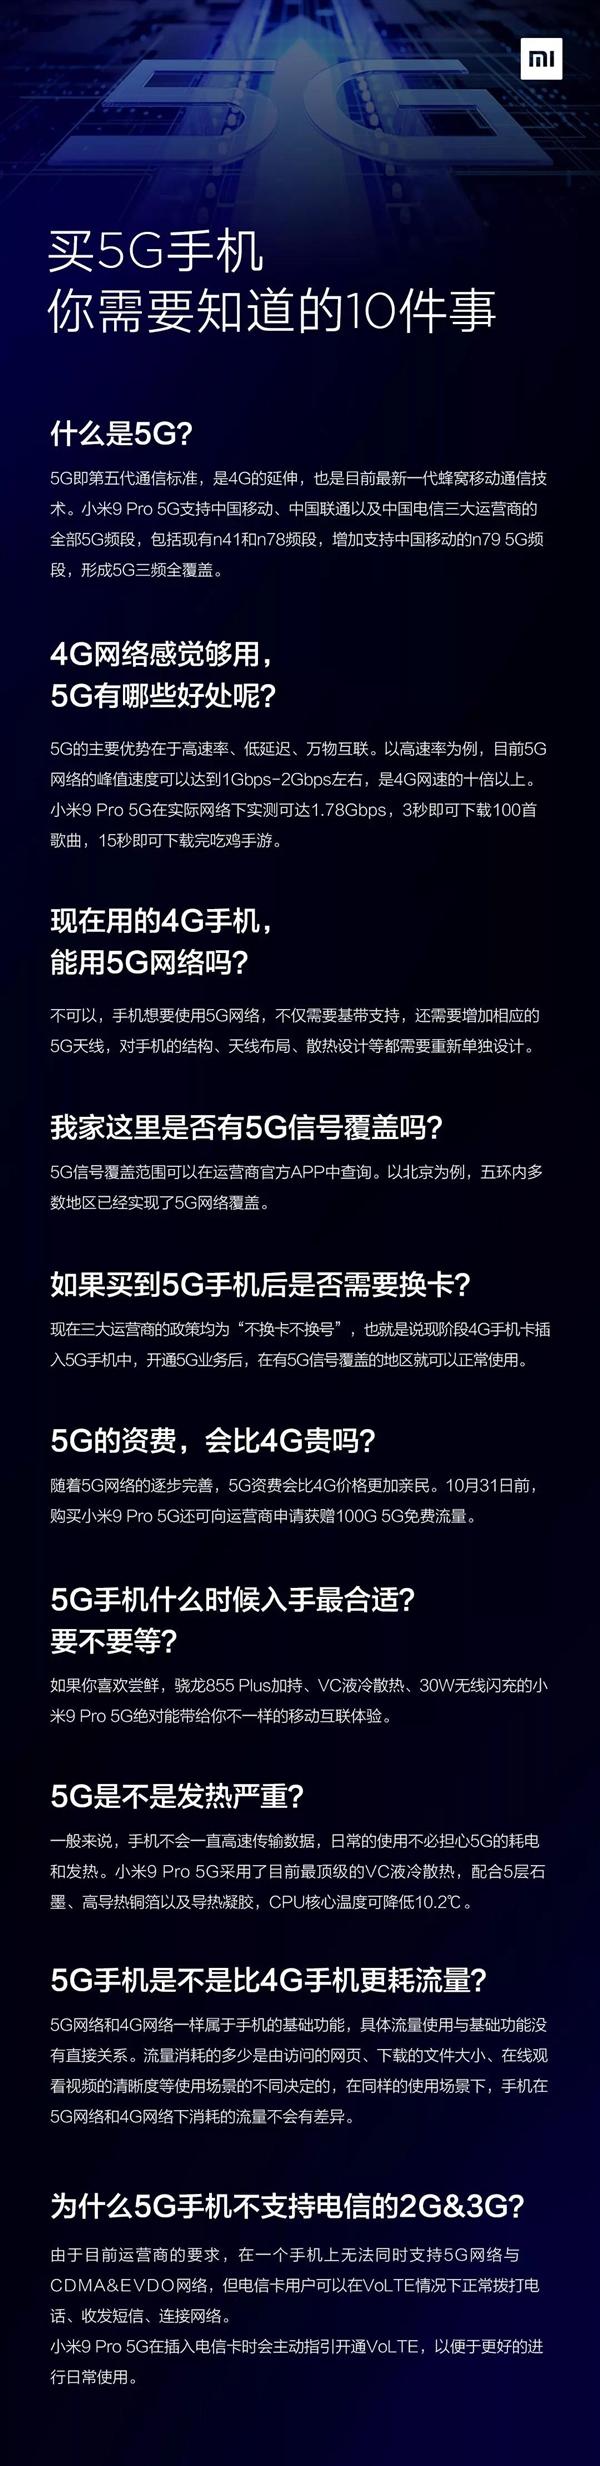 小米官方科普:买5G手机 你需要知道的10件事